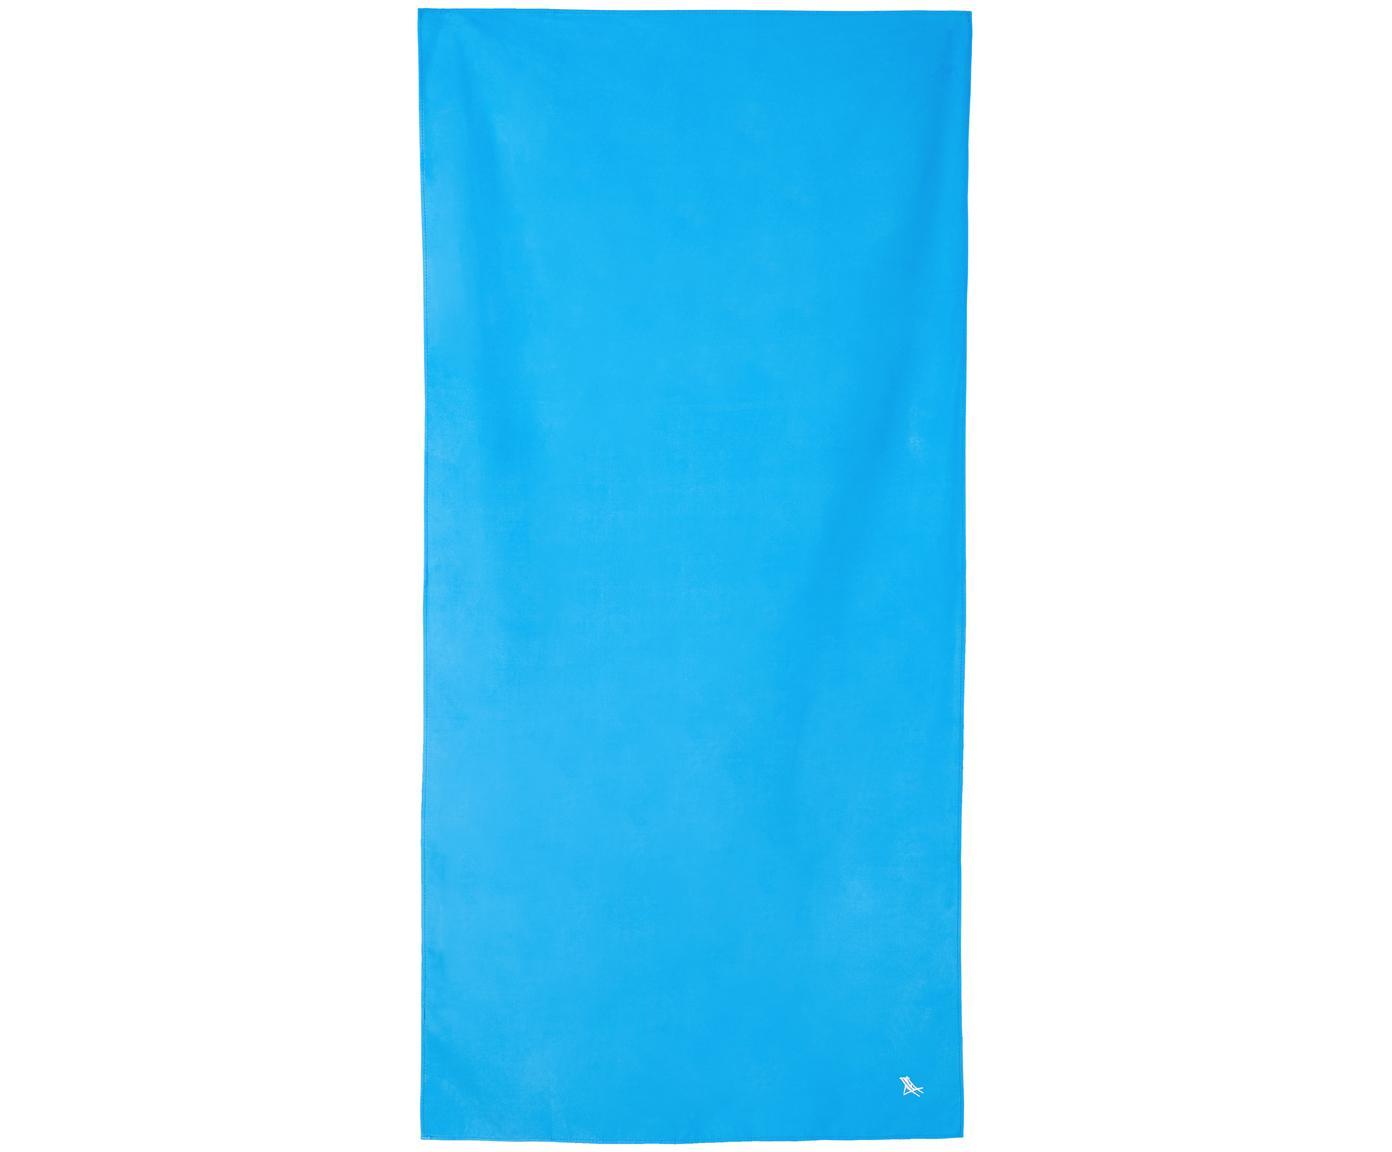 Szybkoschnący ręcznik plażowy z mikrofibry Classic, Mikrofibra (80% poliester, 20% poliamid), Niebieski, S 90 x D 200 cm